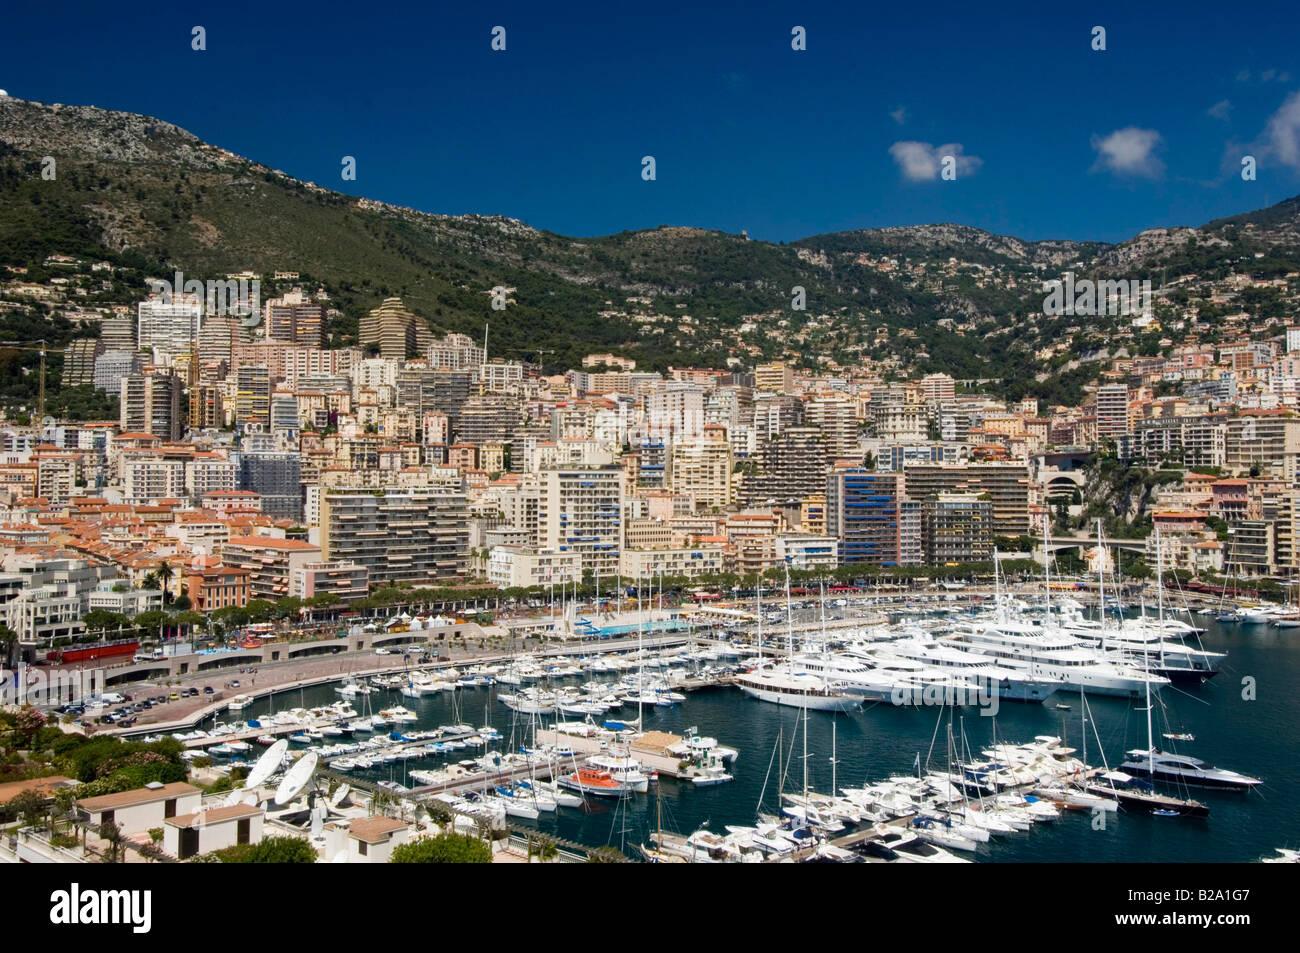 Monaco vista sopra la porta la data 12 02 2008 Ref WP B726 110139 0040 credito obbligatoria World Pictures Photoshot Immagini Stock